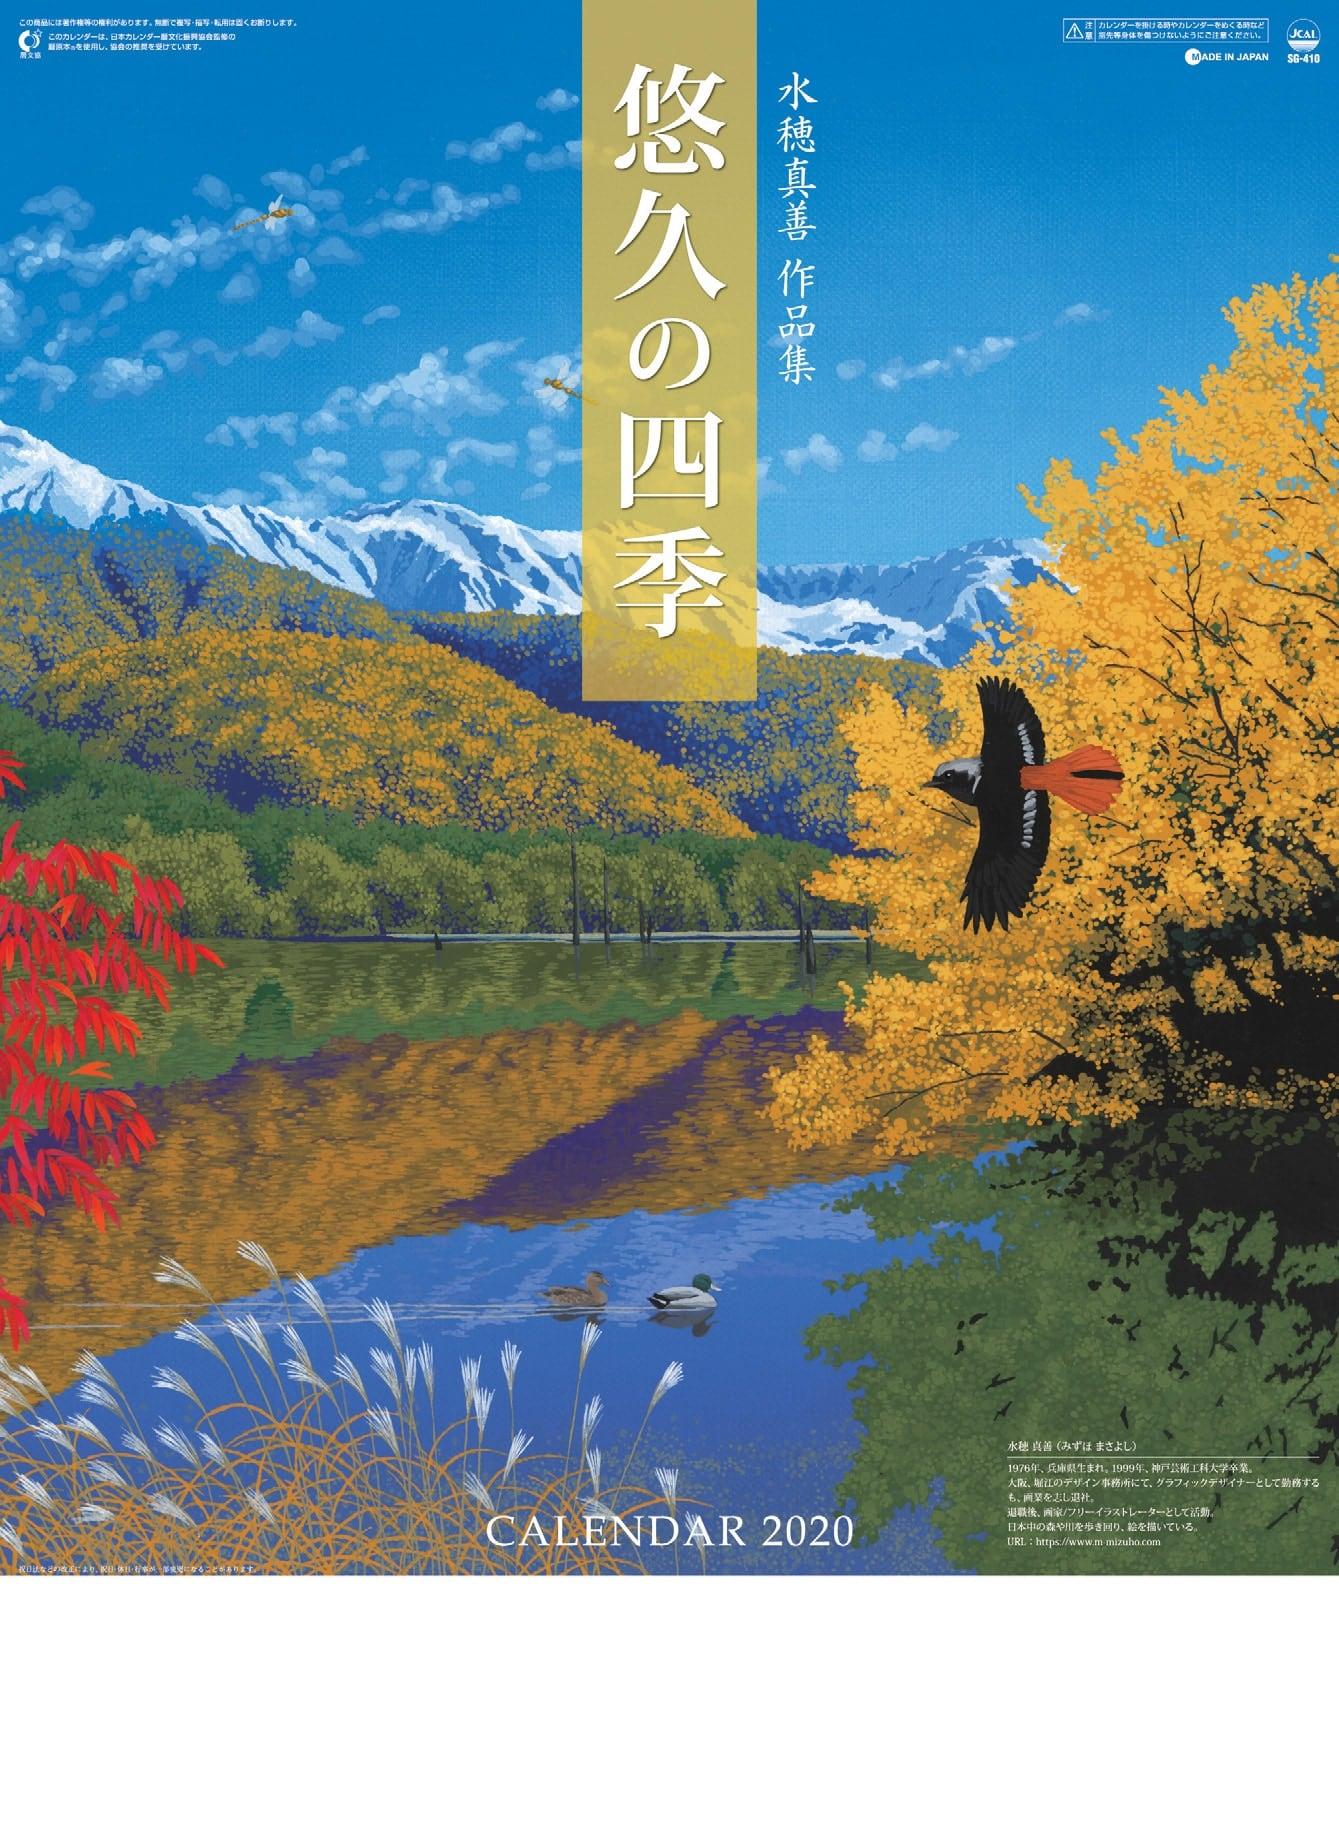 悠久の四季(水穂真善作品集) 2020年カレンダー